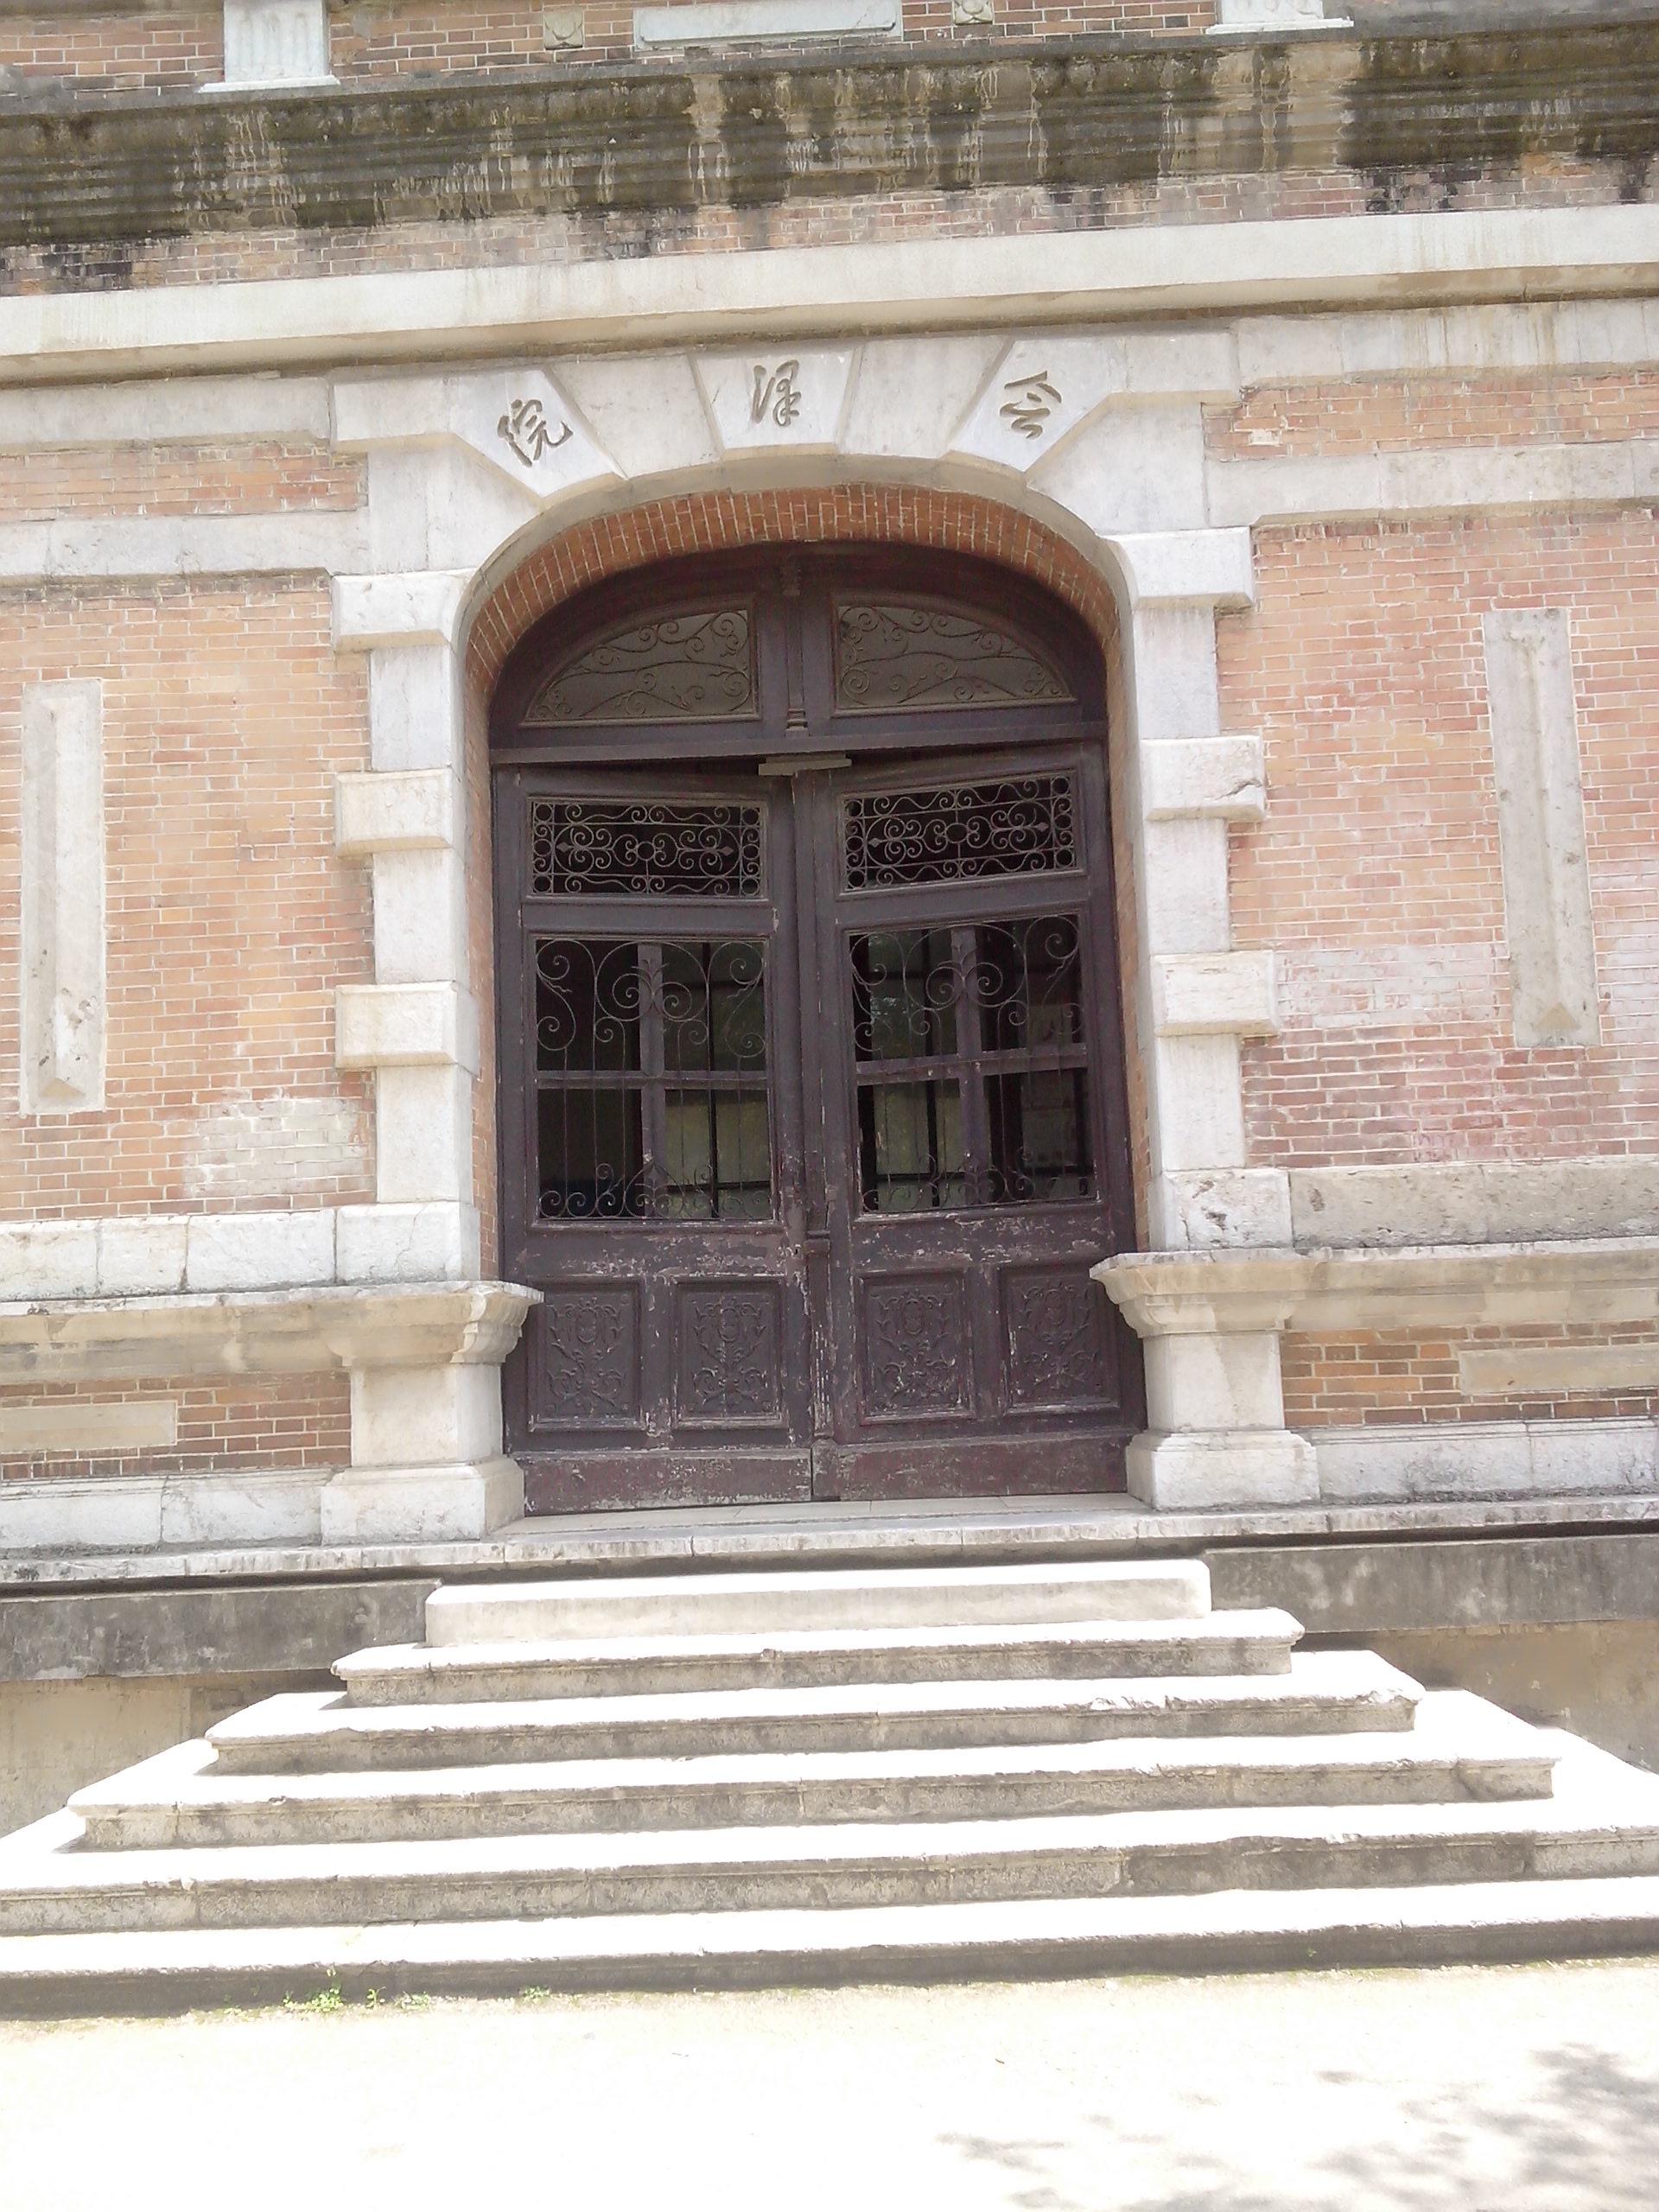 听说云南大学的图书馆还是邵逸夫先生设计的呢